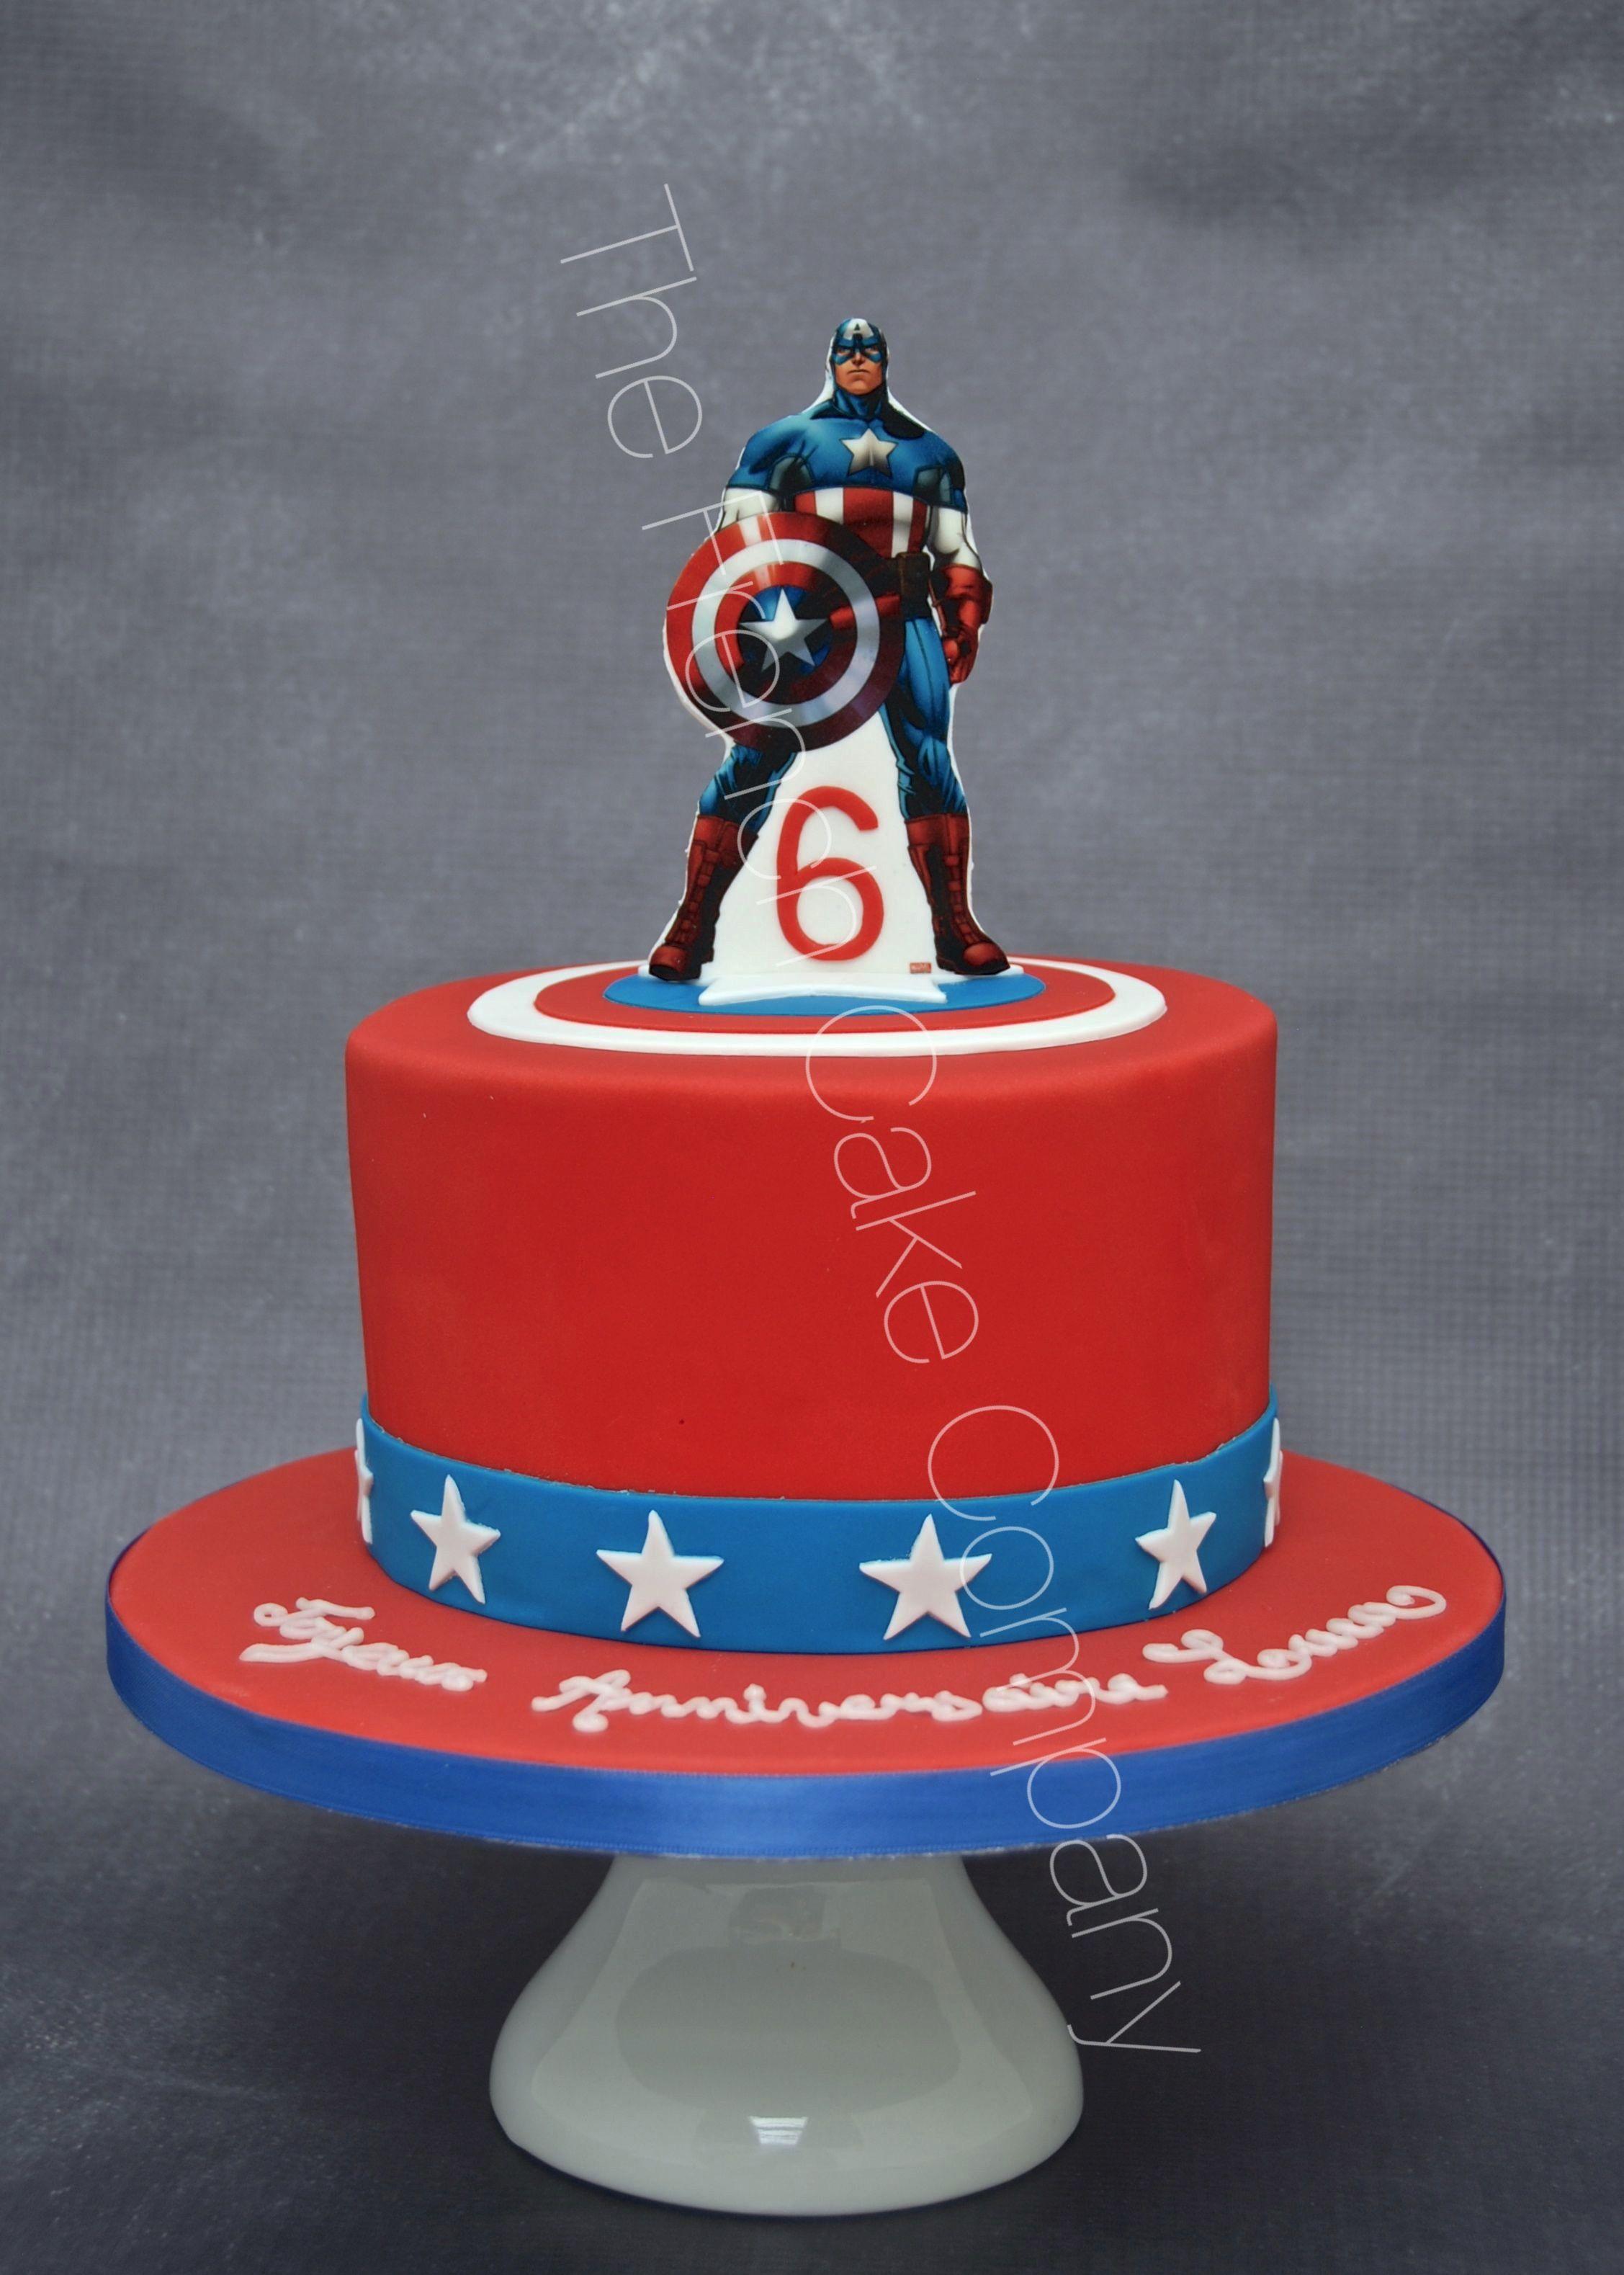 gteau danniversaire dcor thme hros marvel captain america photo imprime sur du papier - Gateau Super Heros